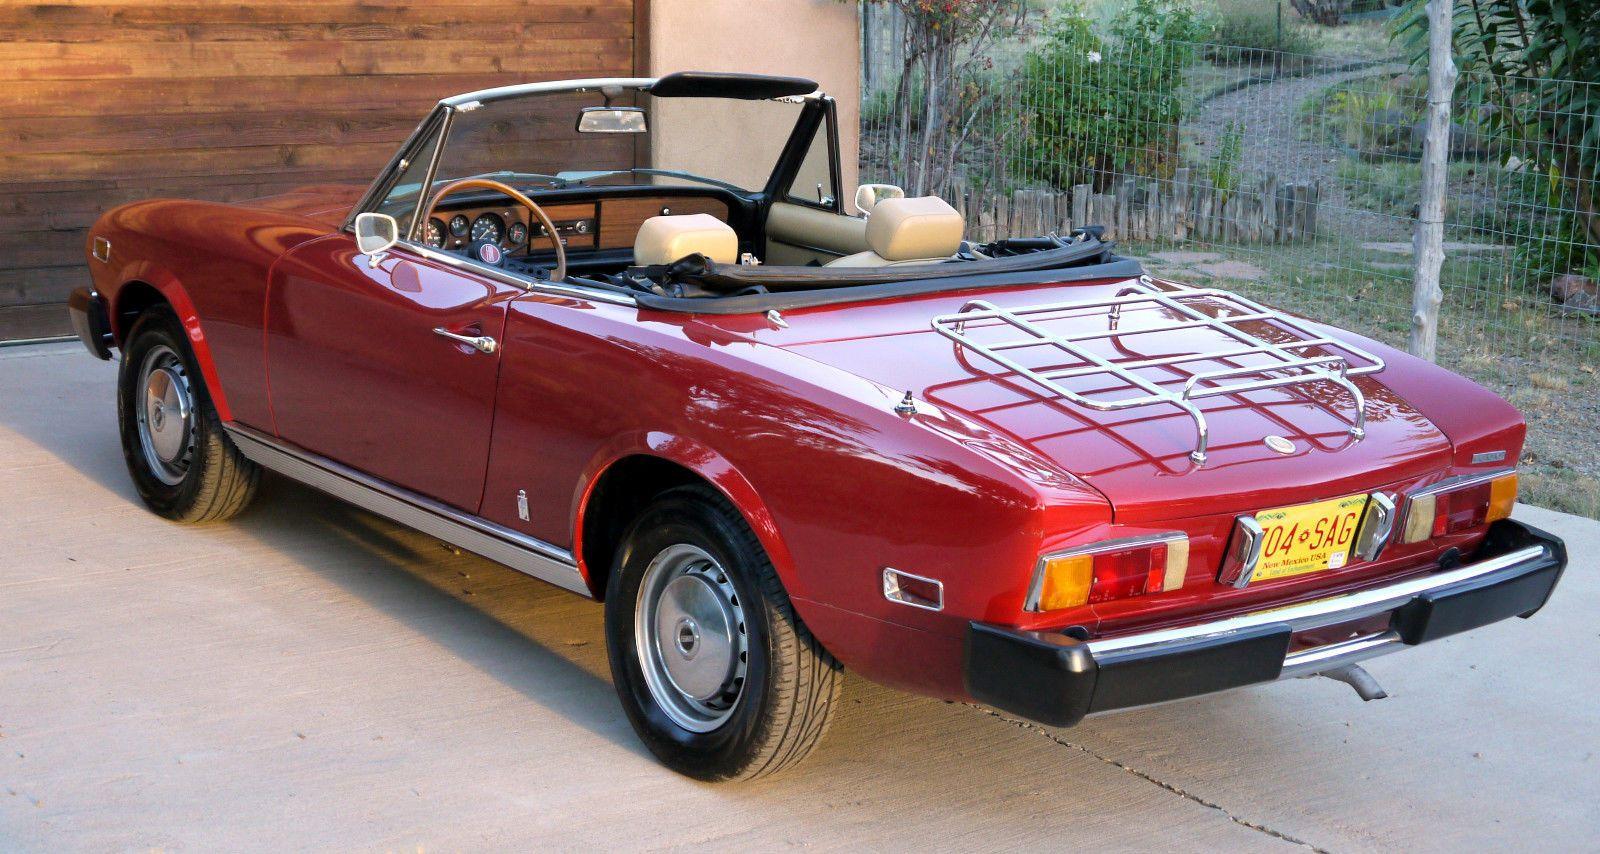 Fiat Other Spider Convertible 2 Door Automobiles Italian